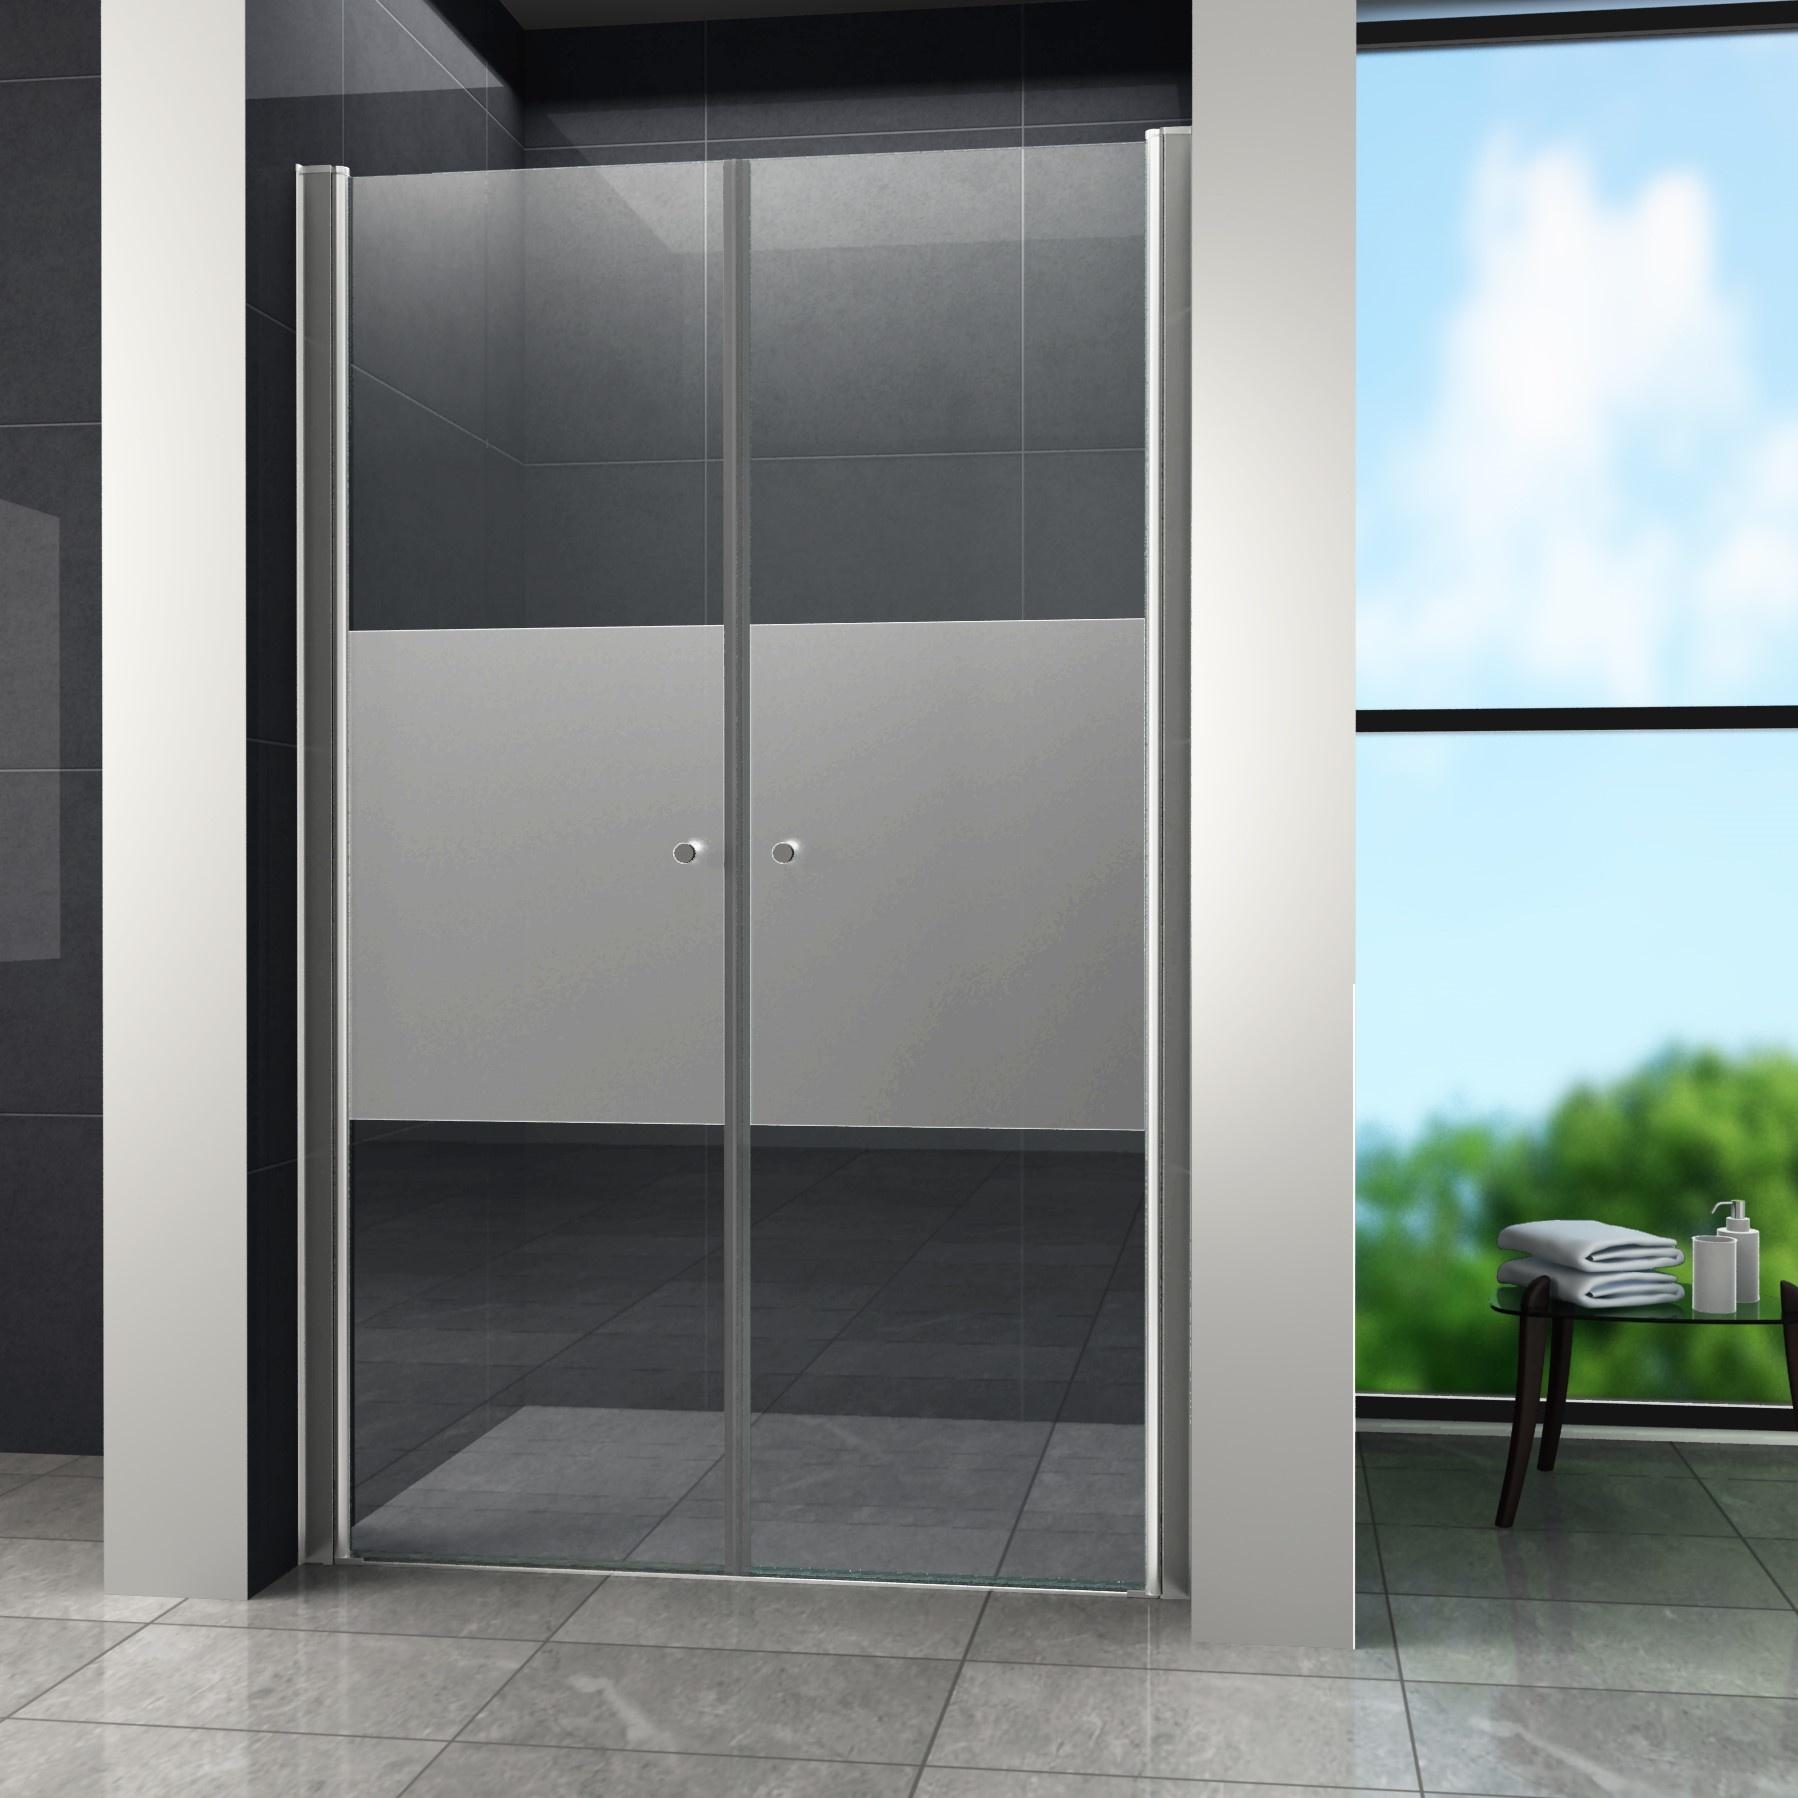 Swing-Cover Douchedeur Pendeldeur 95x195 cm Gedeeltelijk Matglas binnen 4 tot 7 werkdagen in huis met voordeel